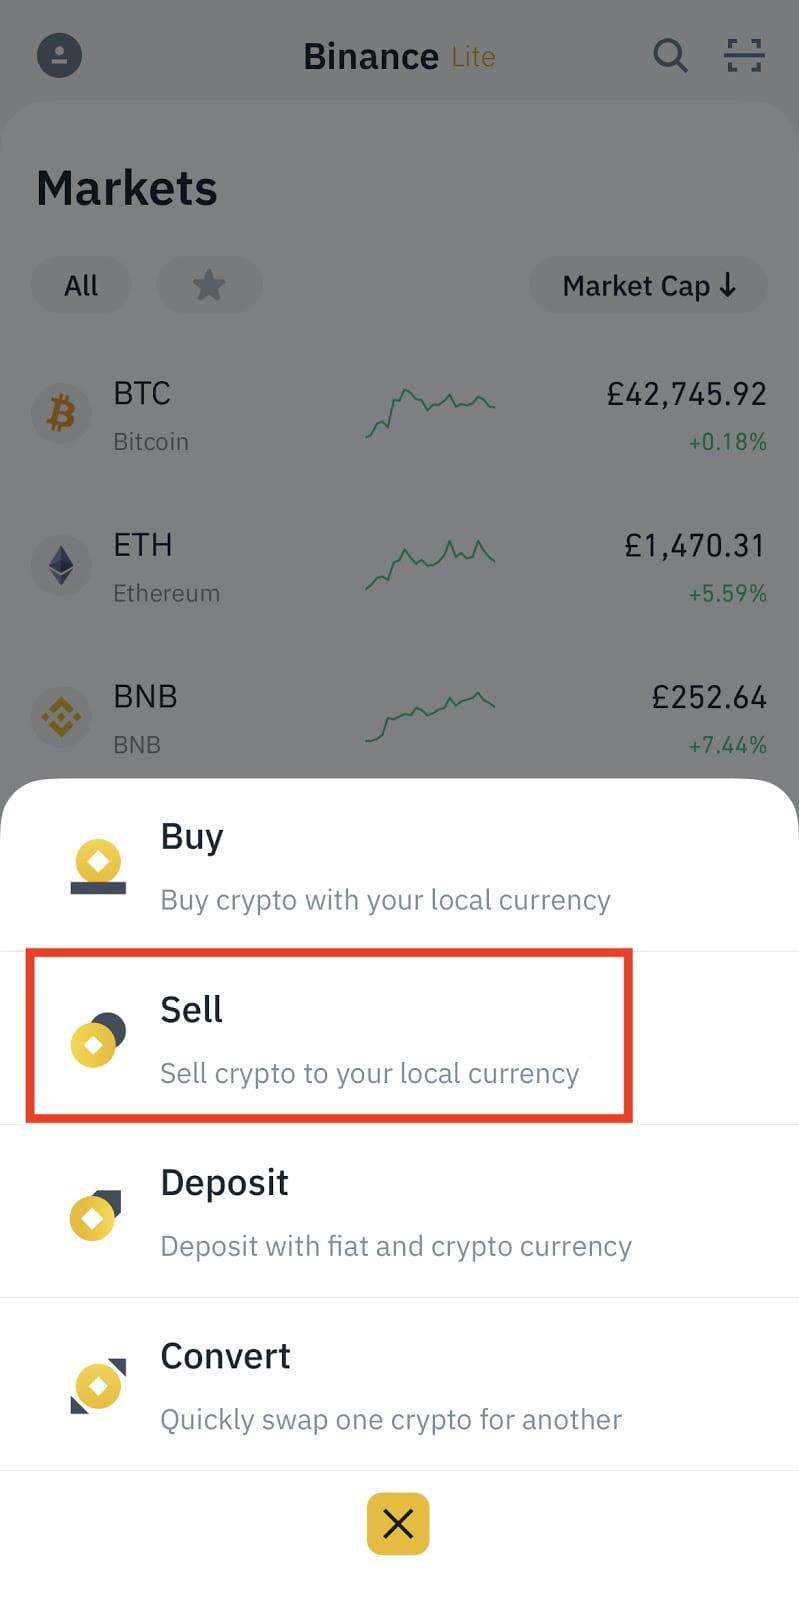 Miglior scambio di criptovalute - Lista dei migliori scambi di Bitcoin nel 2021